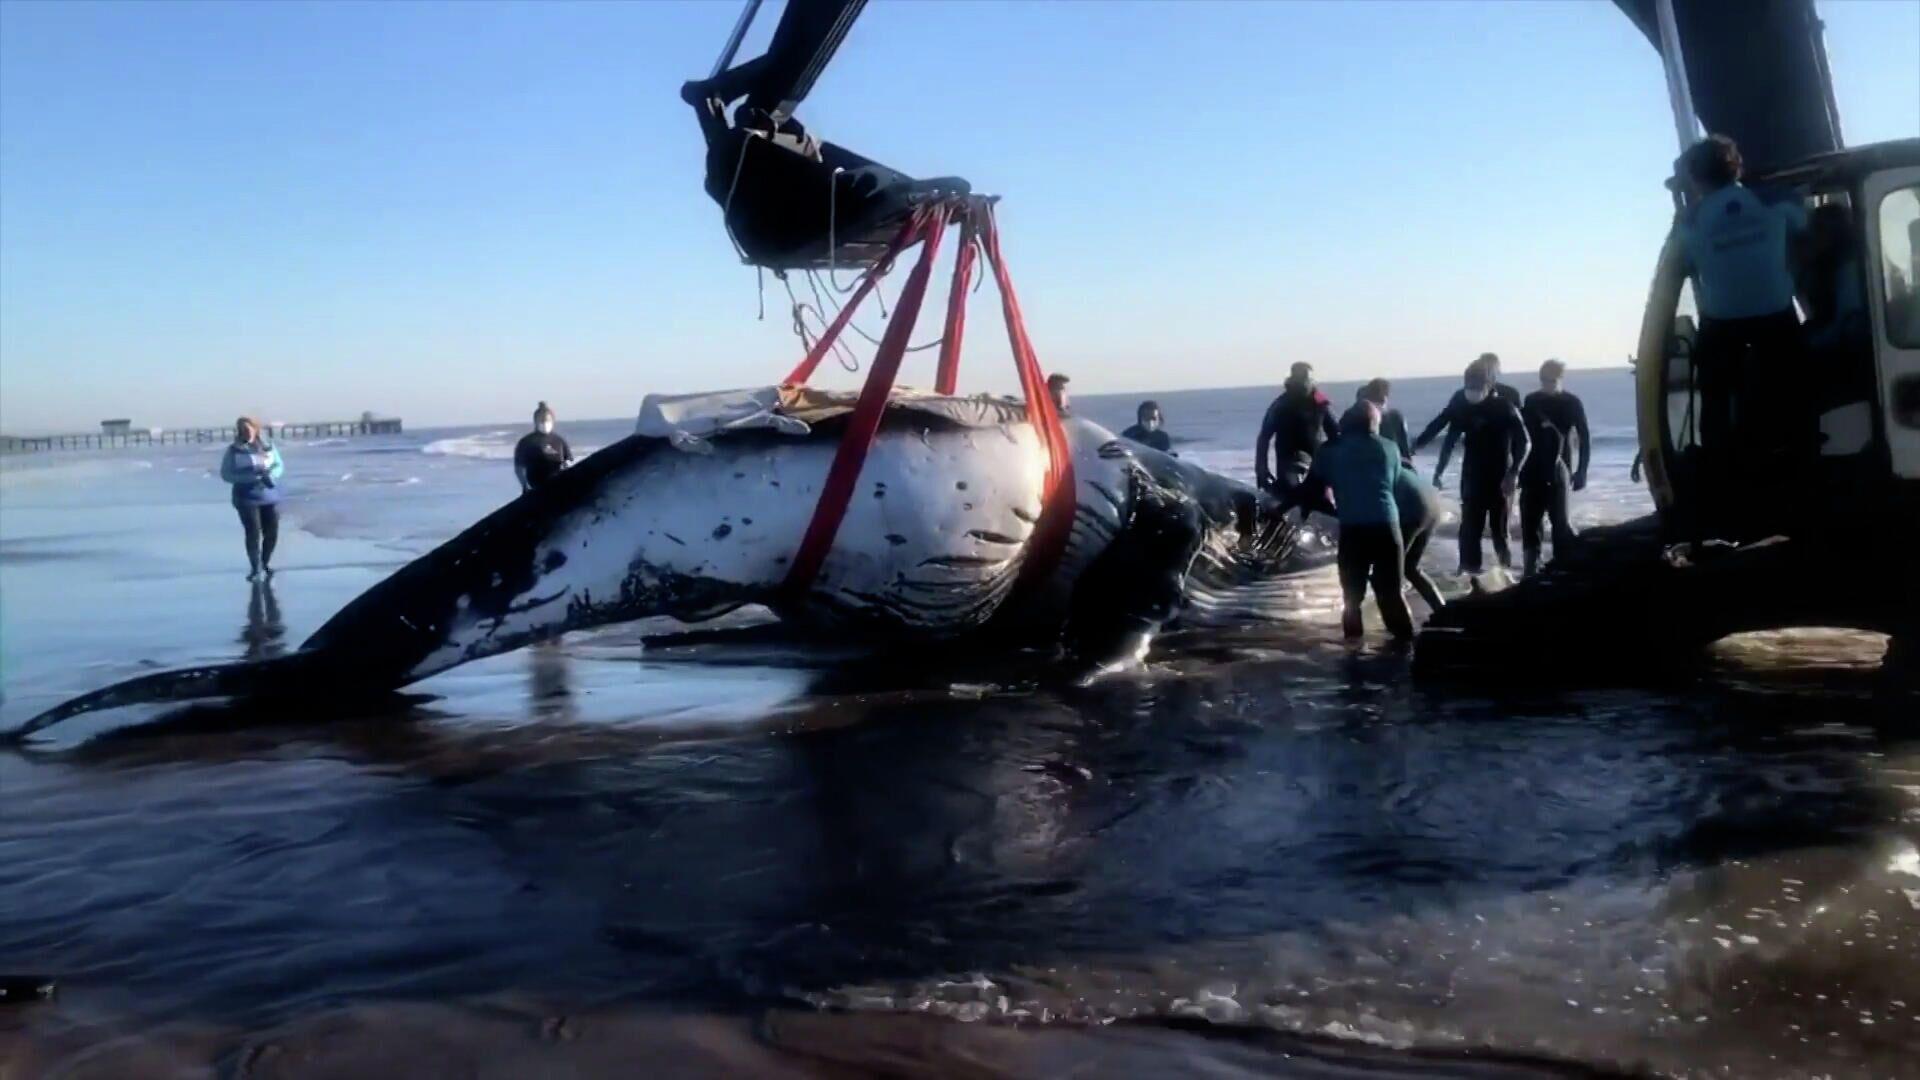 Επιχείρηση «γιγαντιαίων» διαστάσεων: Δύο μεγάπτερες φάλαινες διασώθηκαν στην Αργεντινή  - Sputnik Ελλάδα, 1920, 10.10.2021